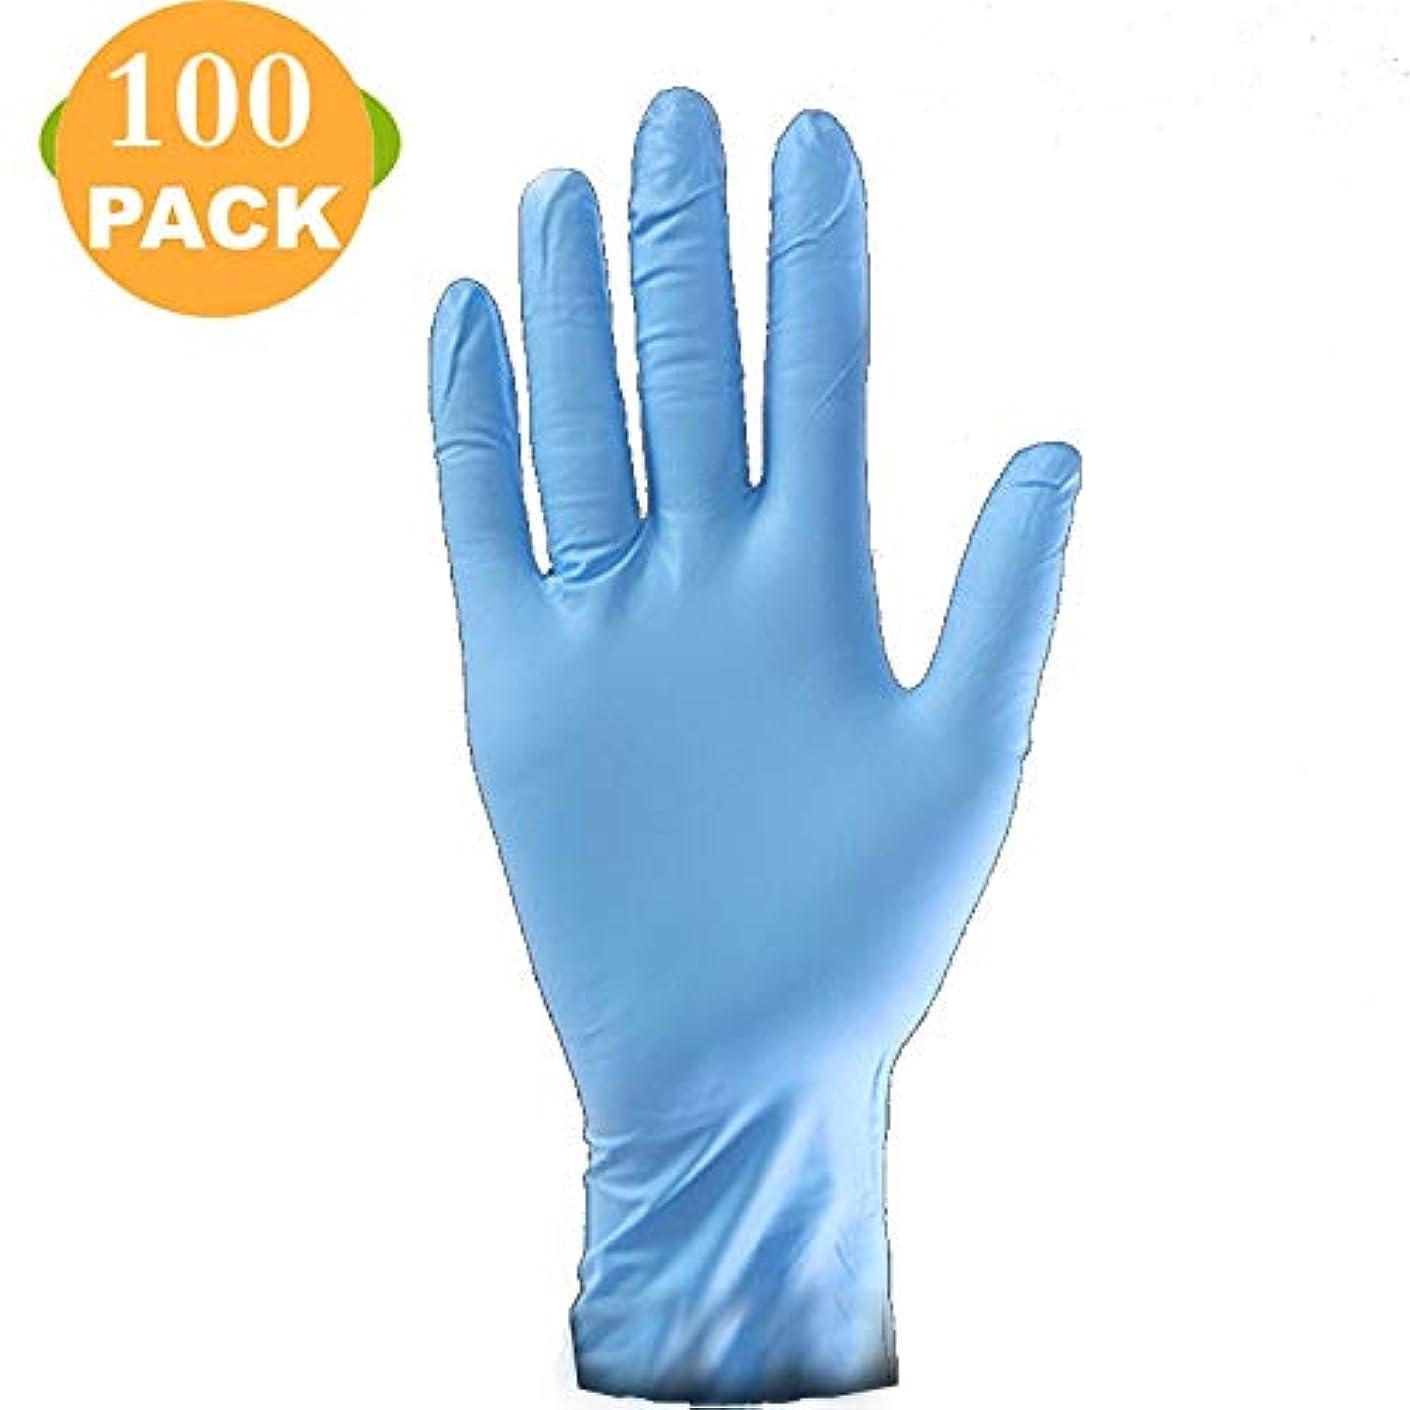 母夕暮れ故意にニトリル使い捨てパウダーフリー耐酸クリーン美容ネイルサロン油と酸耐性-100パーボックス (Color : Blue, Size : M)